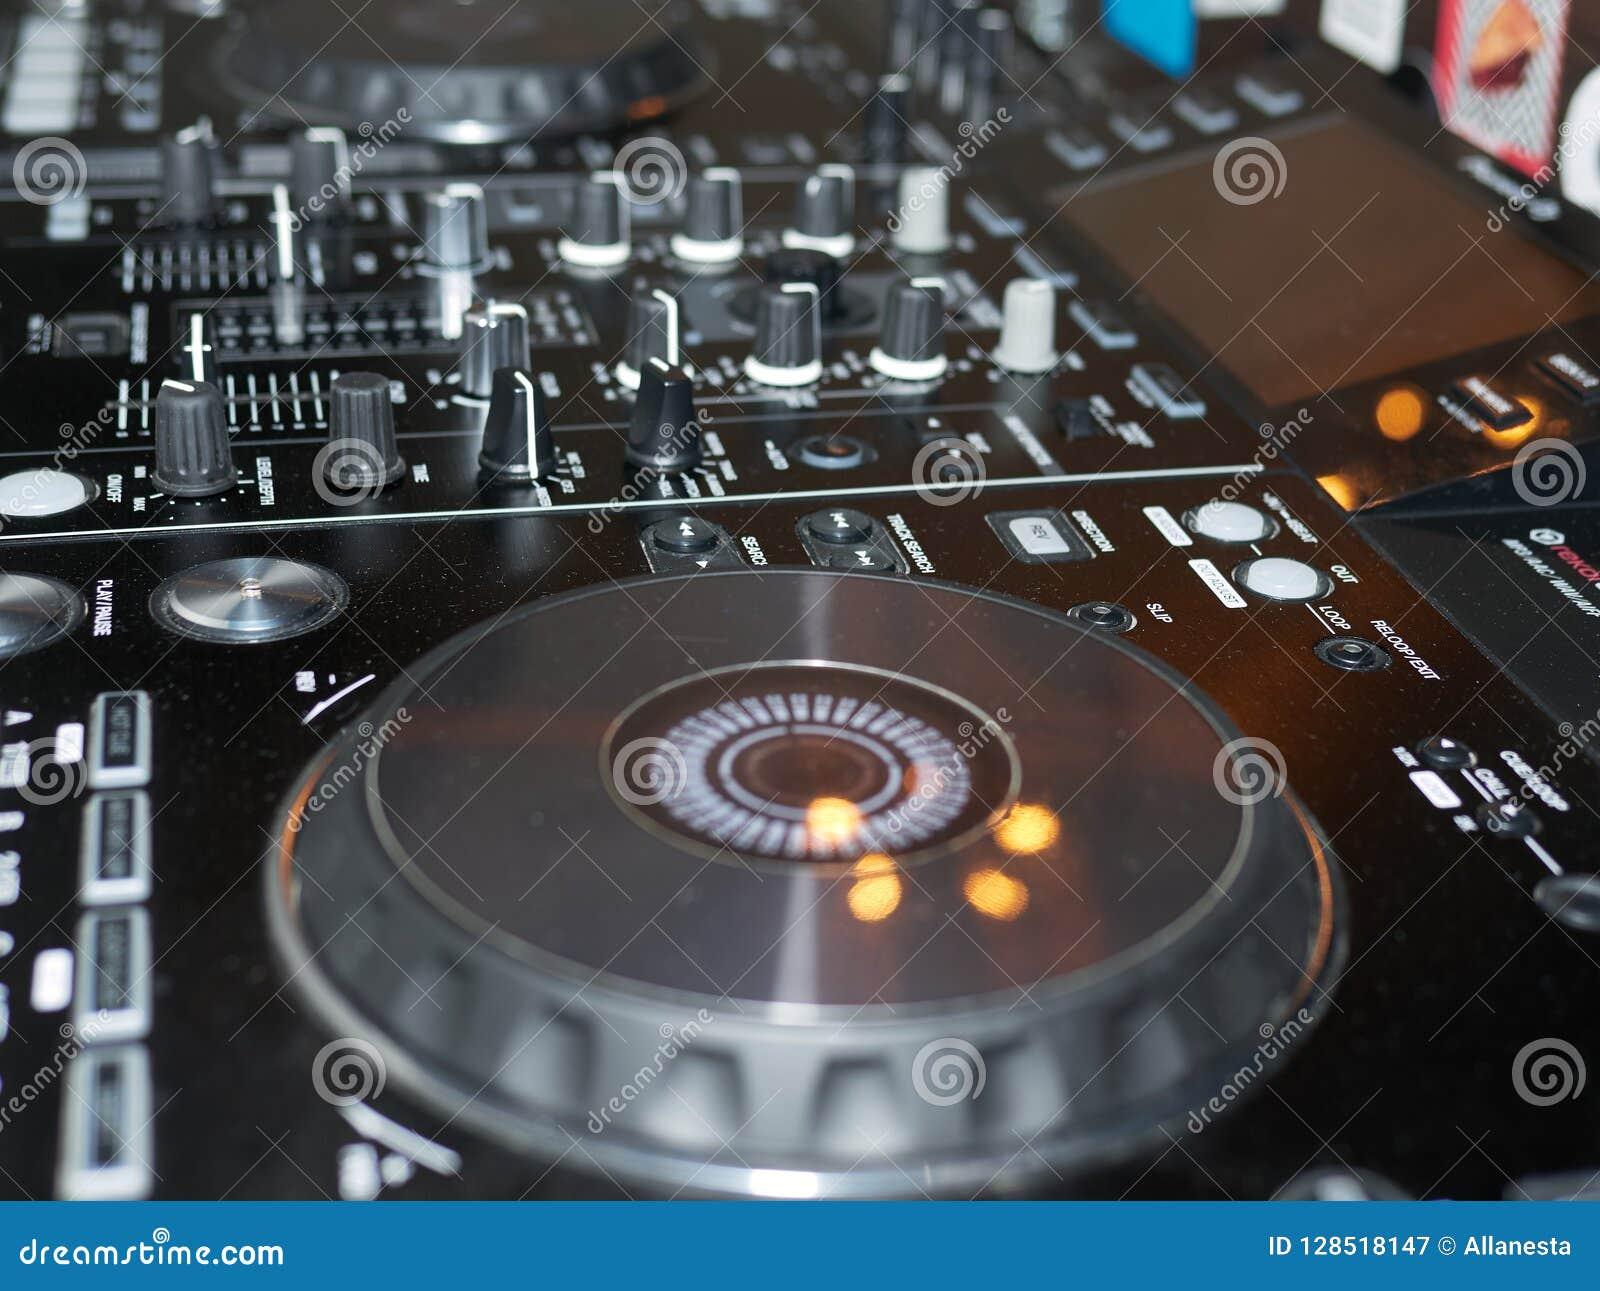 Ядровая смешивая деталь консоли, конец вверх Консоль музыки DJ профессиональная Широкоформатное фото черного регулятора ядрового